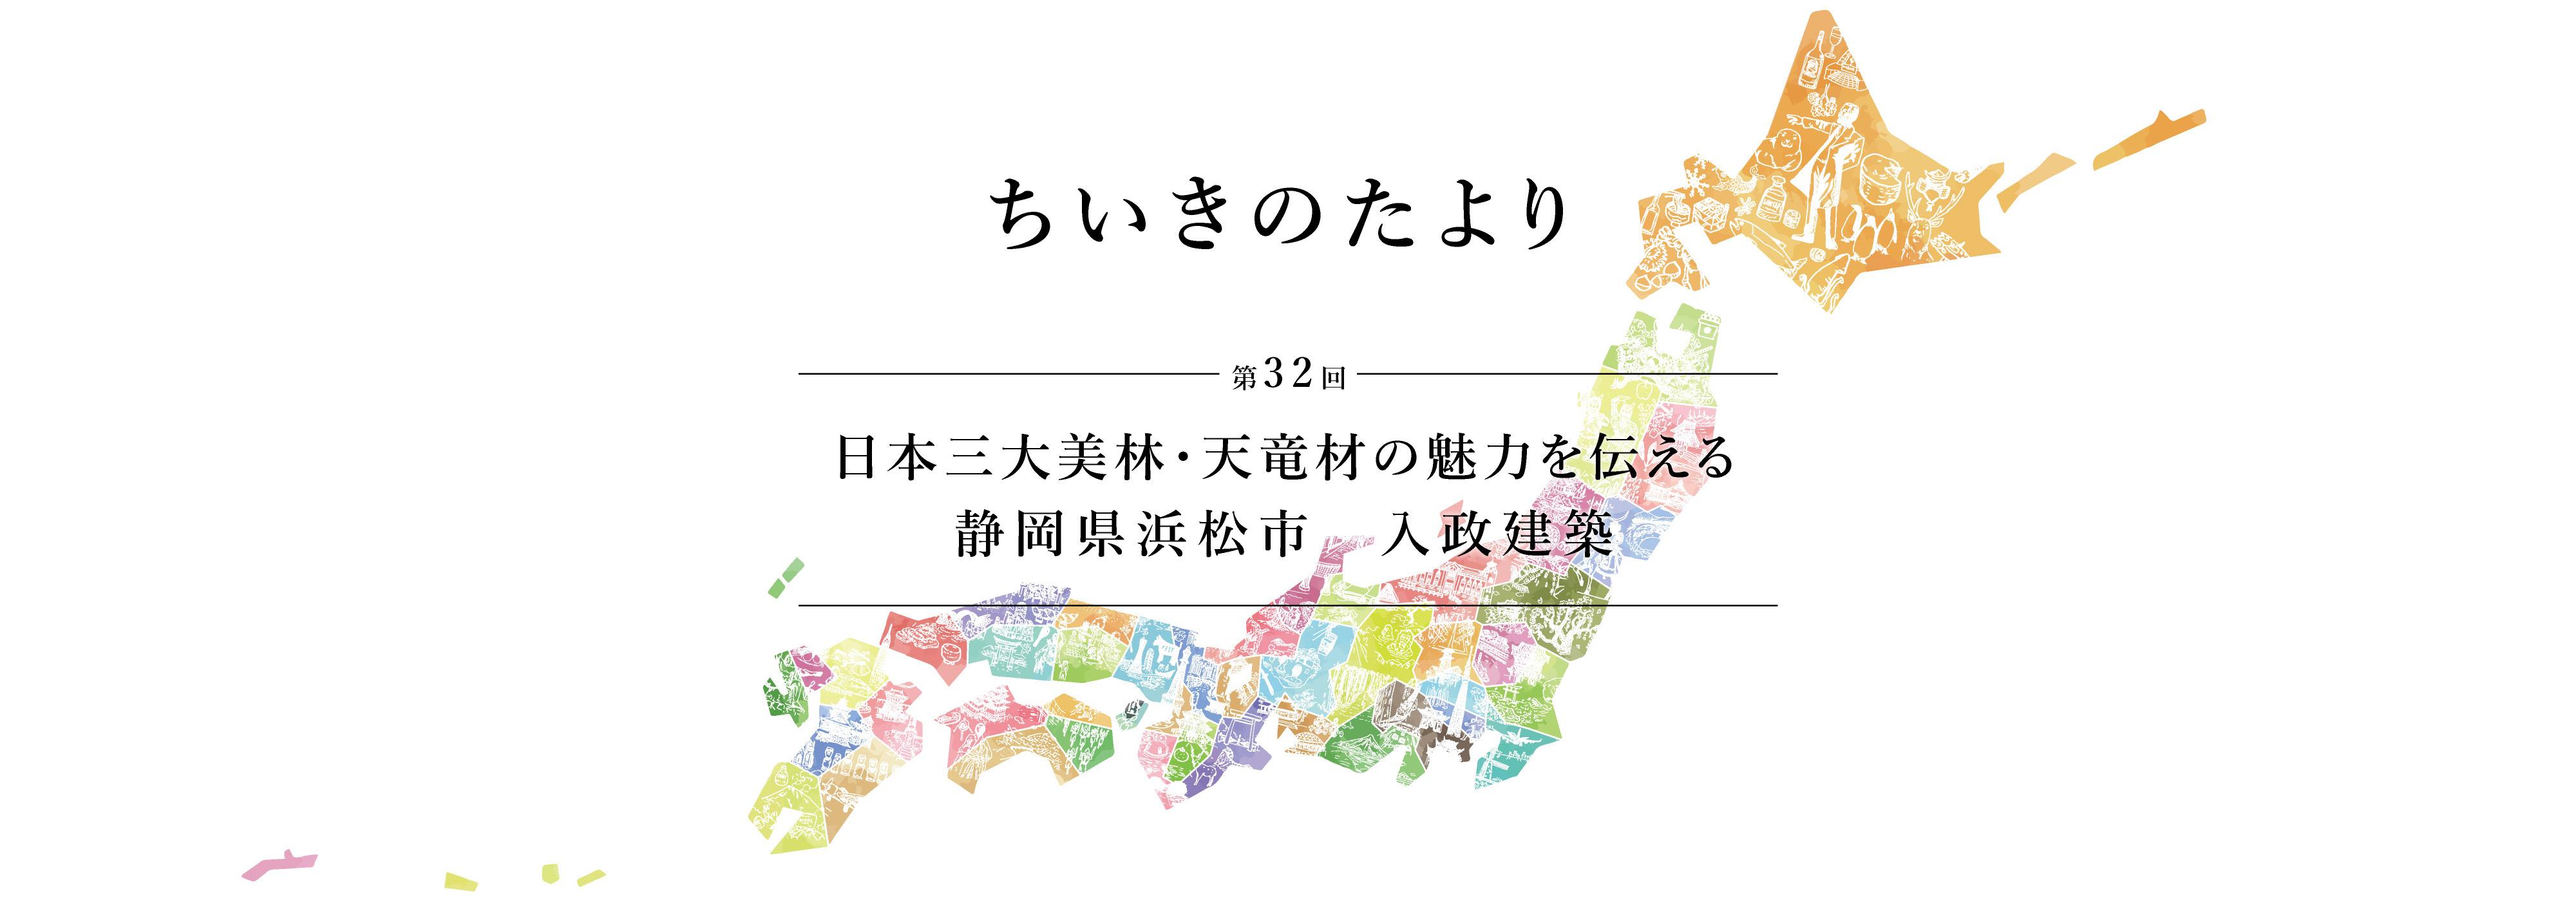 ちいきのたより第32回日本三大美林・天竜材の魅力を伝える静岡県浜松市 入政建築